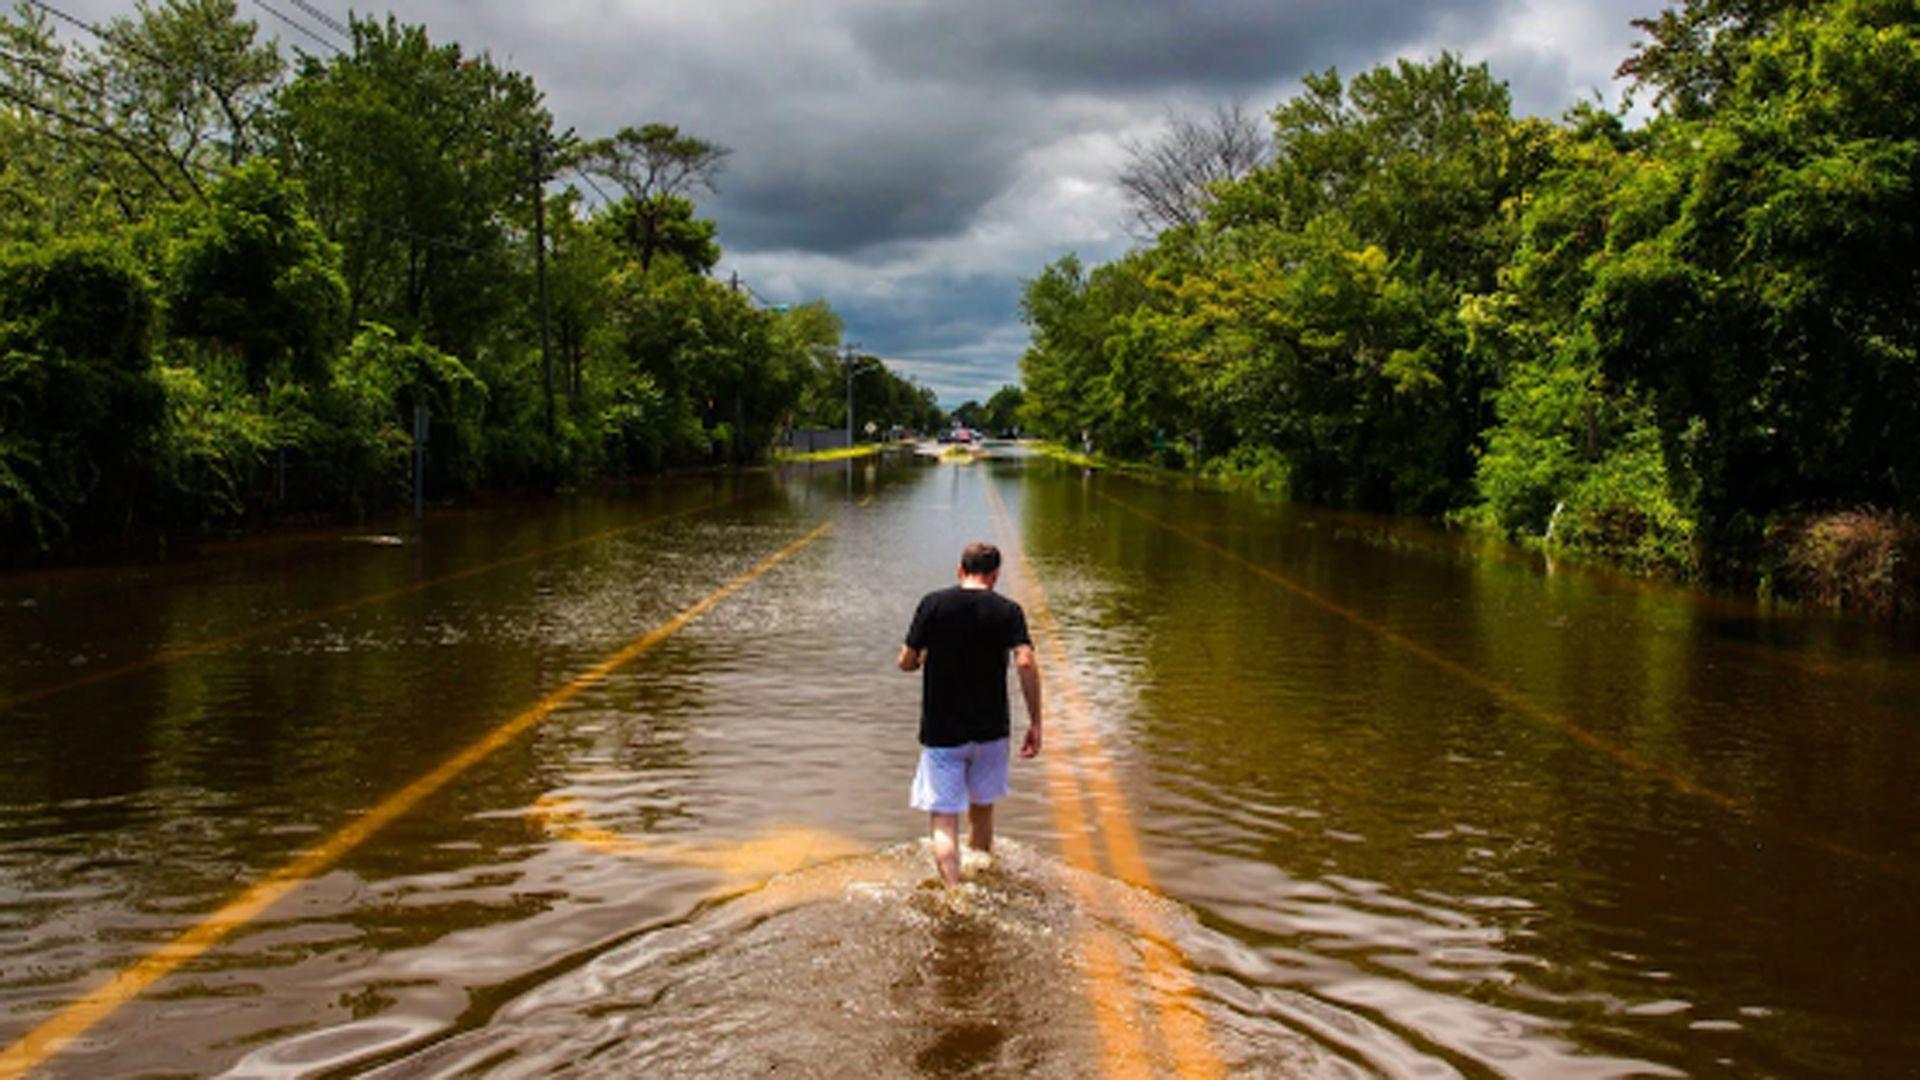 Los informes científicos en los últimos años son concluyentes sobre la incidencia del hombre en el medio ambiente